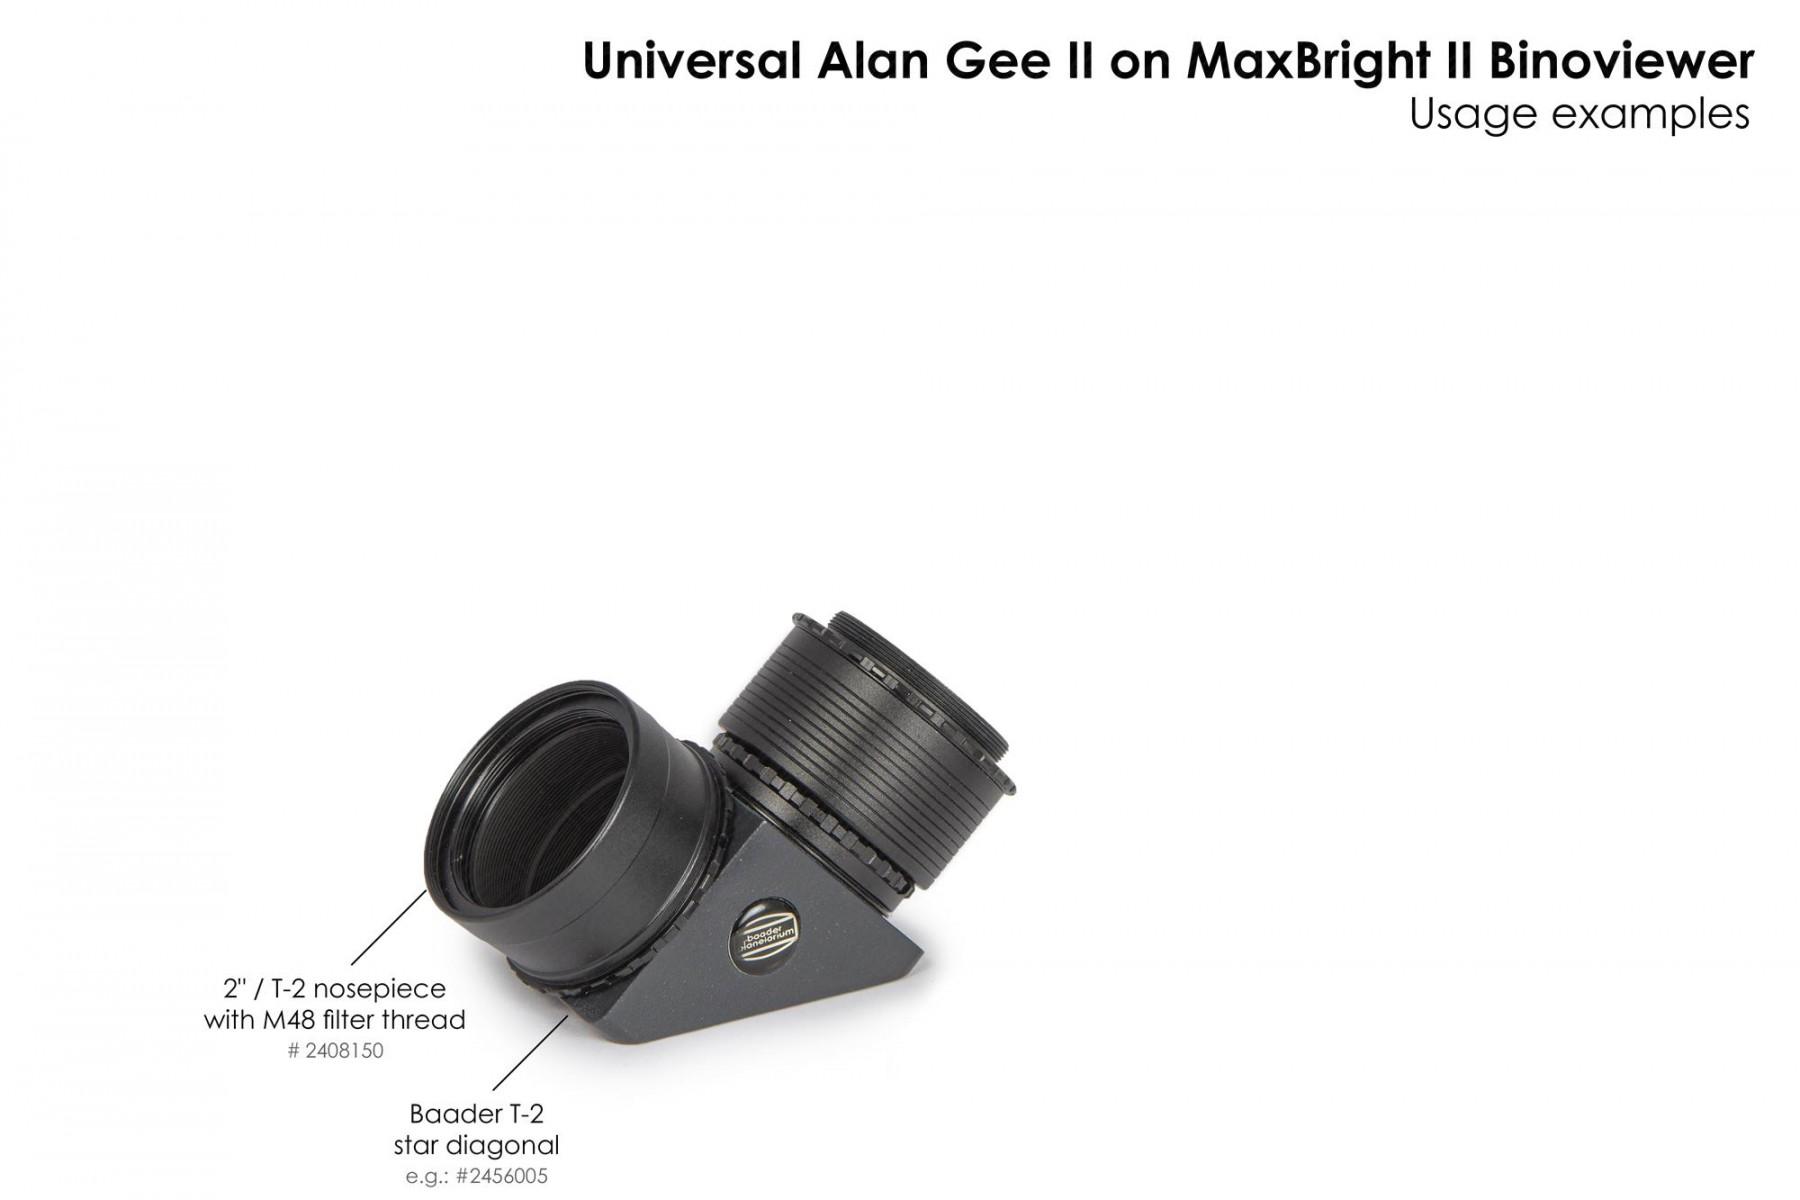 """Anwendungsbild: Universal Alan Gee II #2454405 - Maxbright SetUp mit 2""""/T-2 Steckanschluss mit M48 Filtergewinde #2408150 und T-2 Zenitspiegel #2456005"""